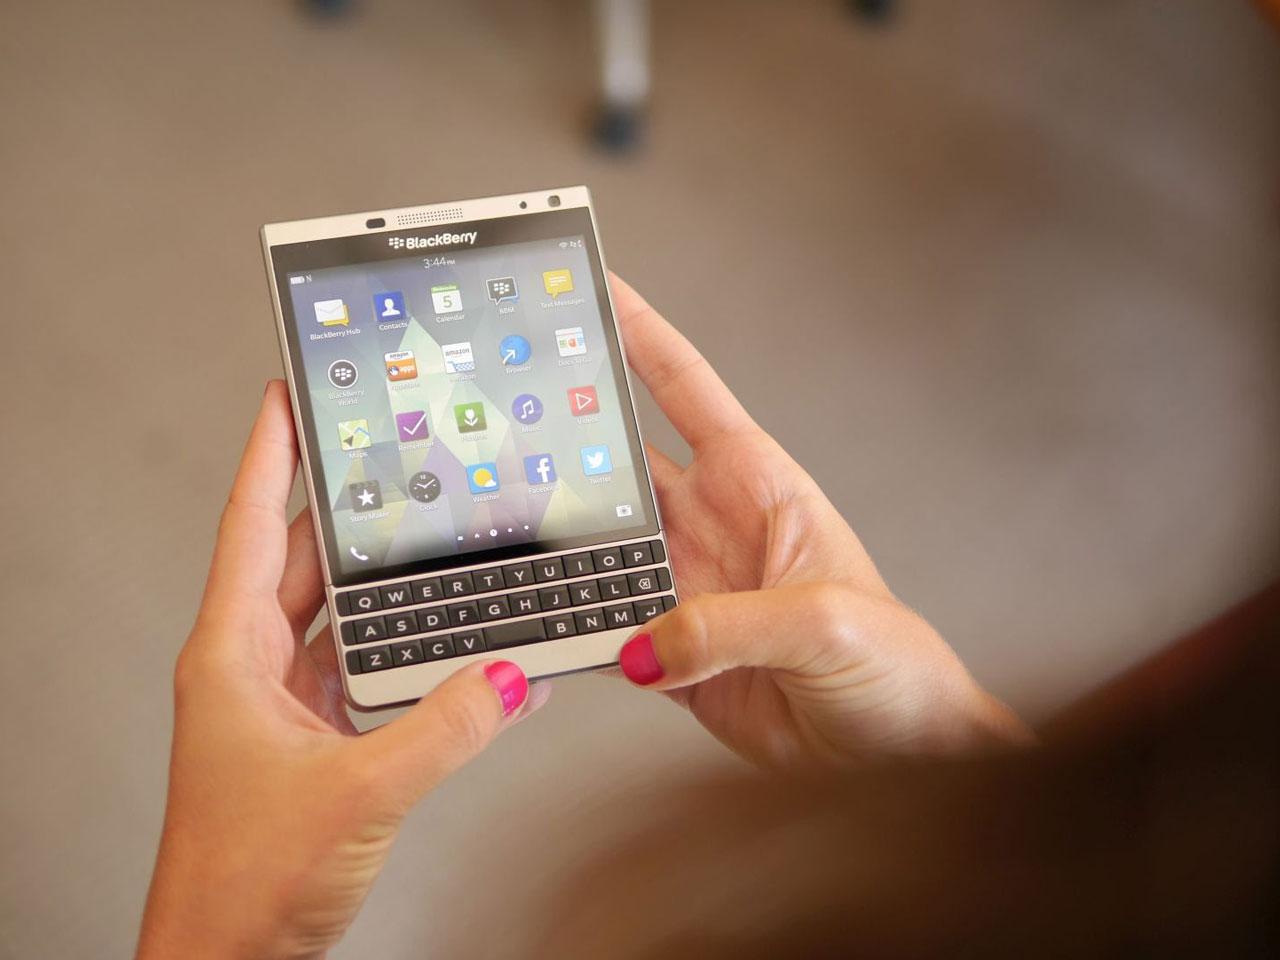 BlackBerry Passport Silver Edition chính hãng giảm đến 4,5 triệu đồng